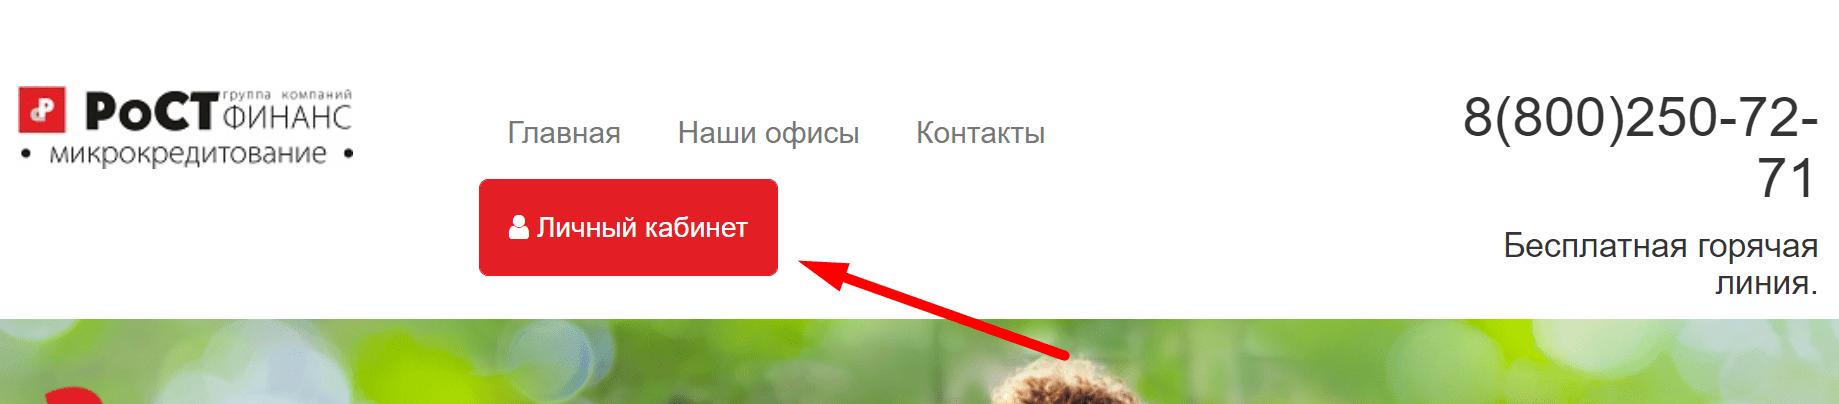 Ссылка на официальный сайт микрокредита «Ростфинанс»